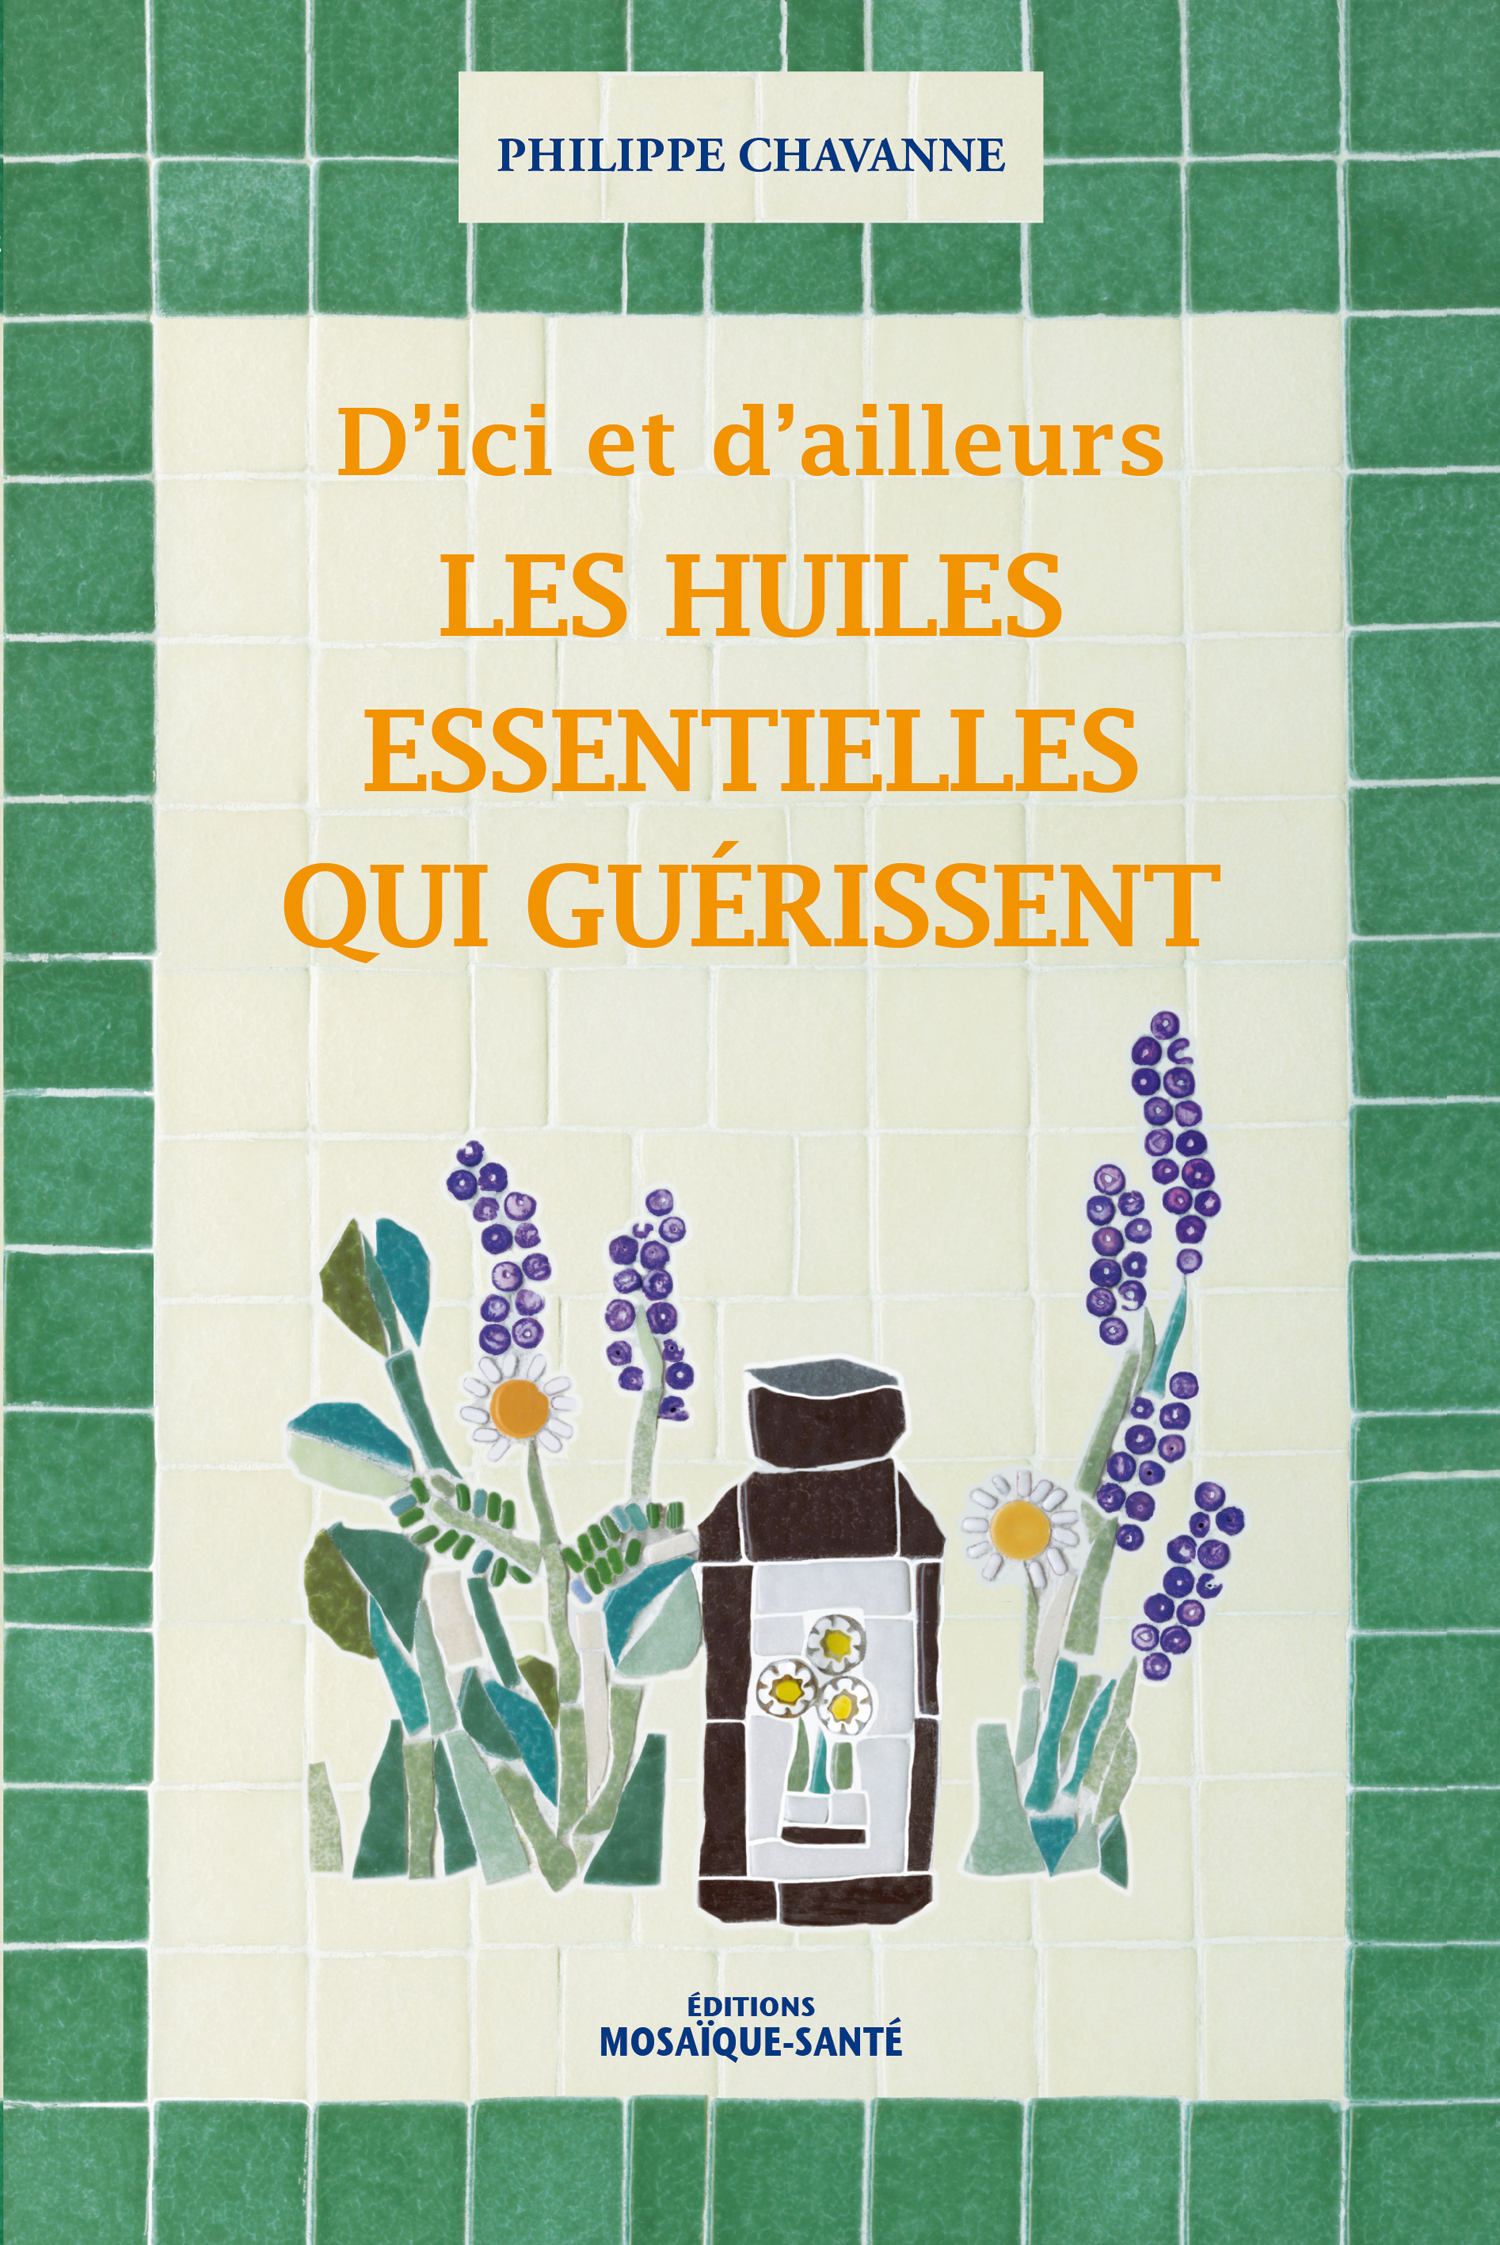 ICI ET D'AILLEURS LES HUILES ESSENTIELLES QUI GUERISSENT (D')